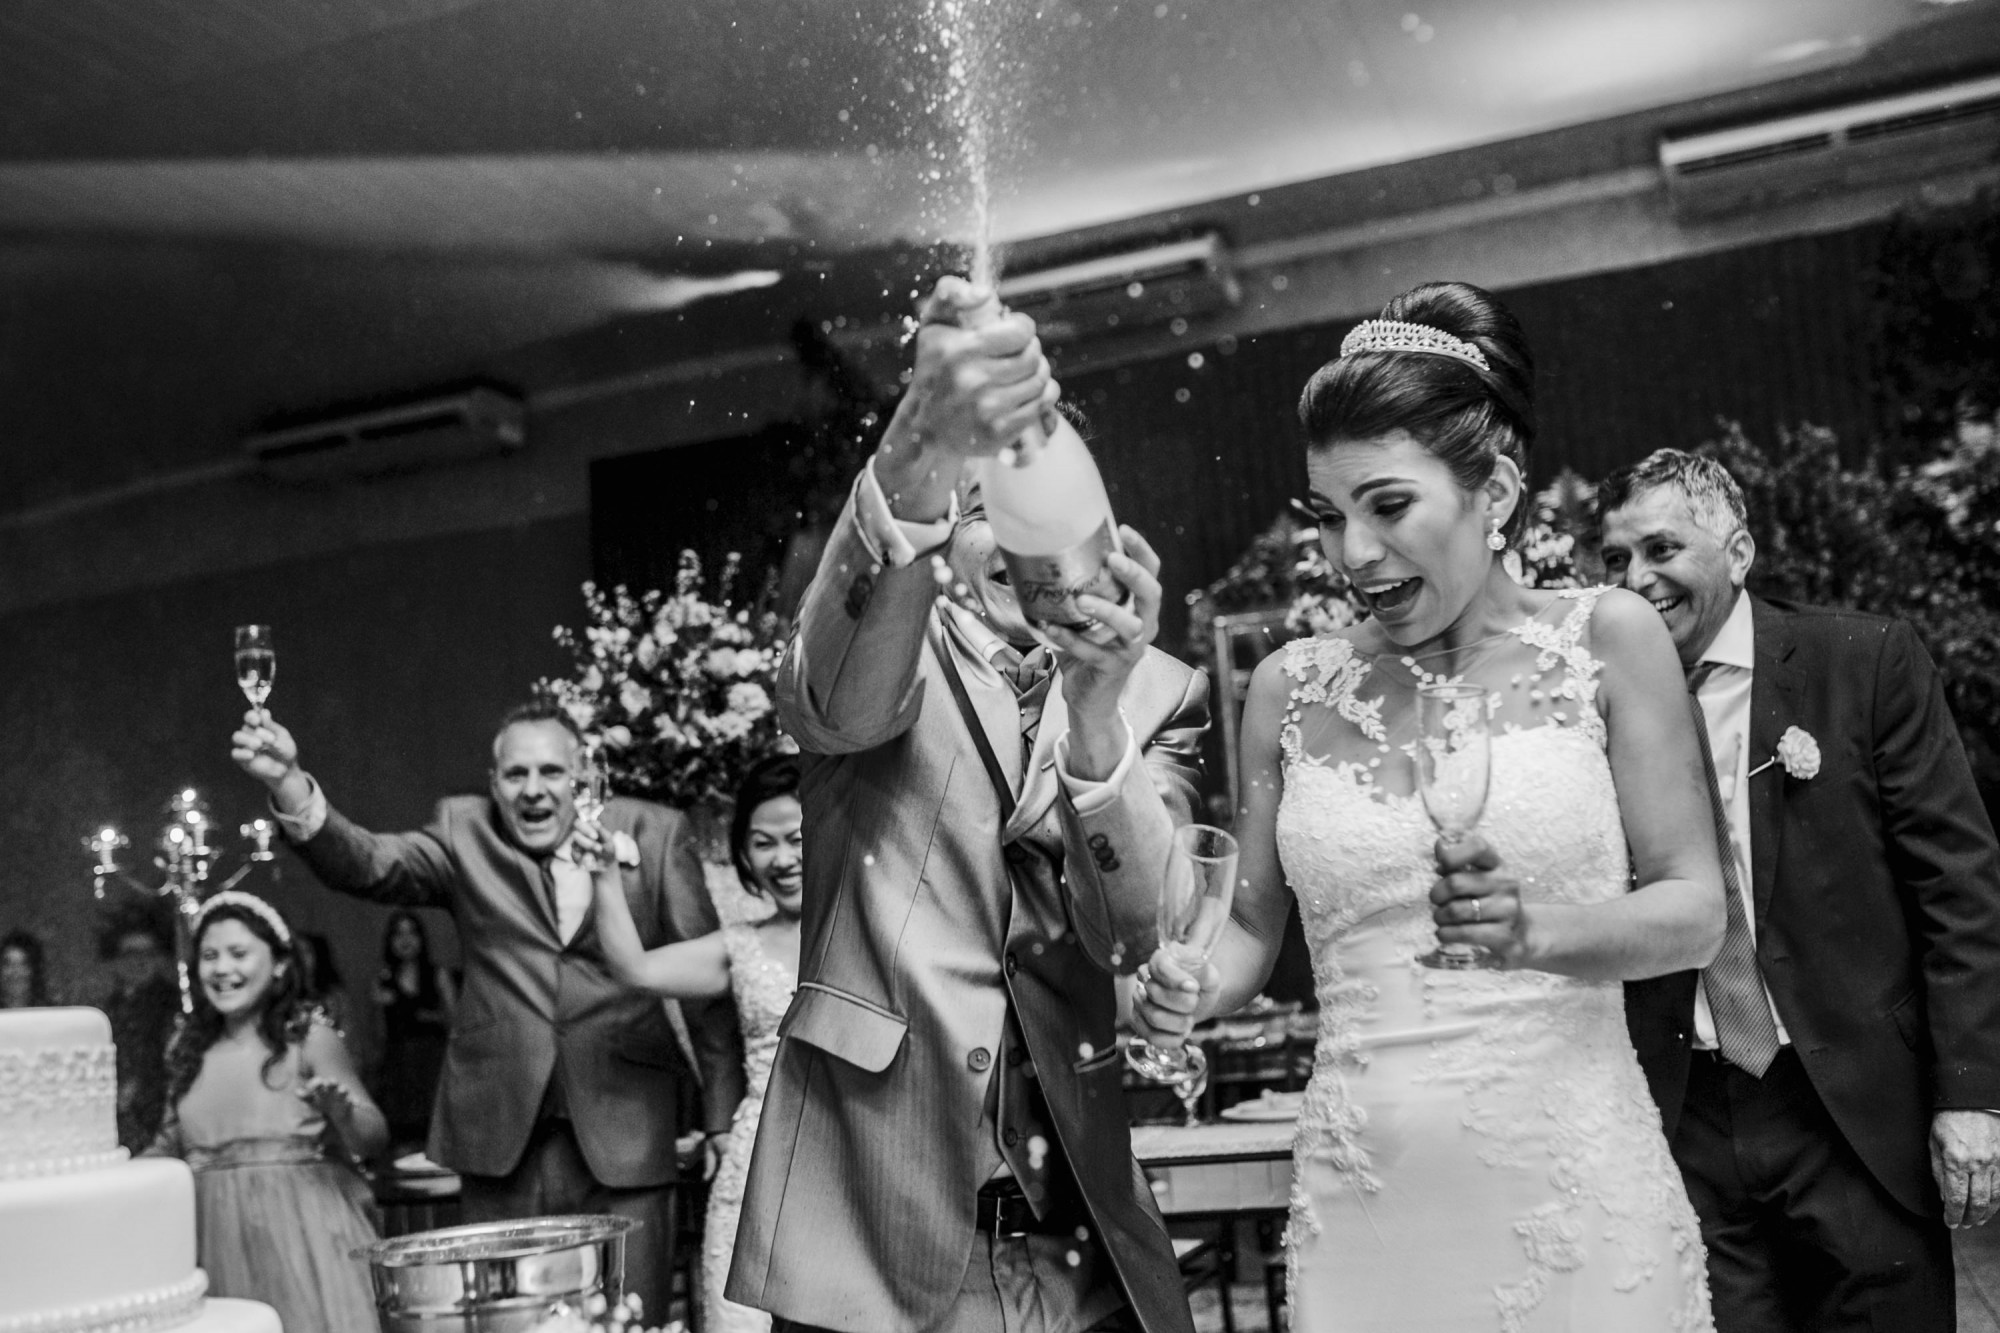 Casamento Camila Rampim e Rafael em Terra Roxa - Paraná - por Lorran Souza e Léia Sotile - fotografos de casamentos - 54